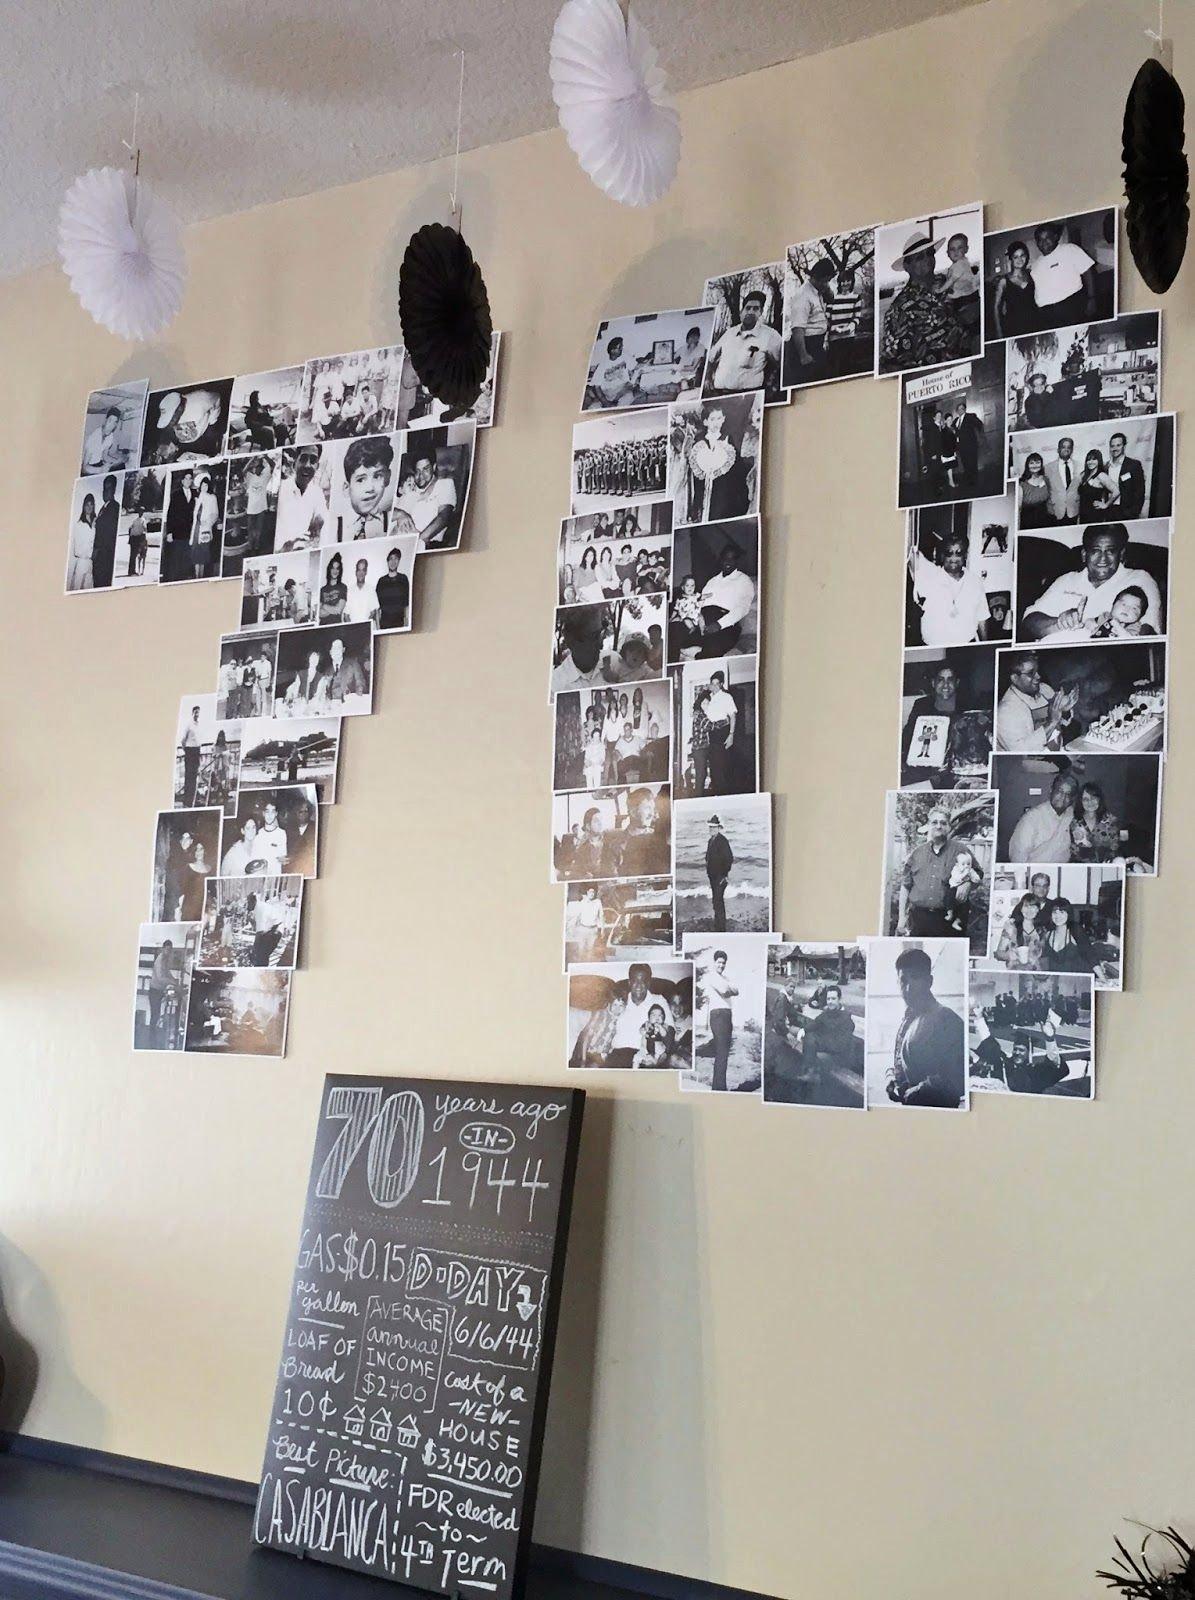 70th Birthday Decoration Ideas for Dad Fresh Easy 70th Birthday Party Ideas Planning My Dad S Milestone